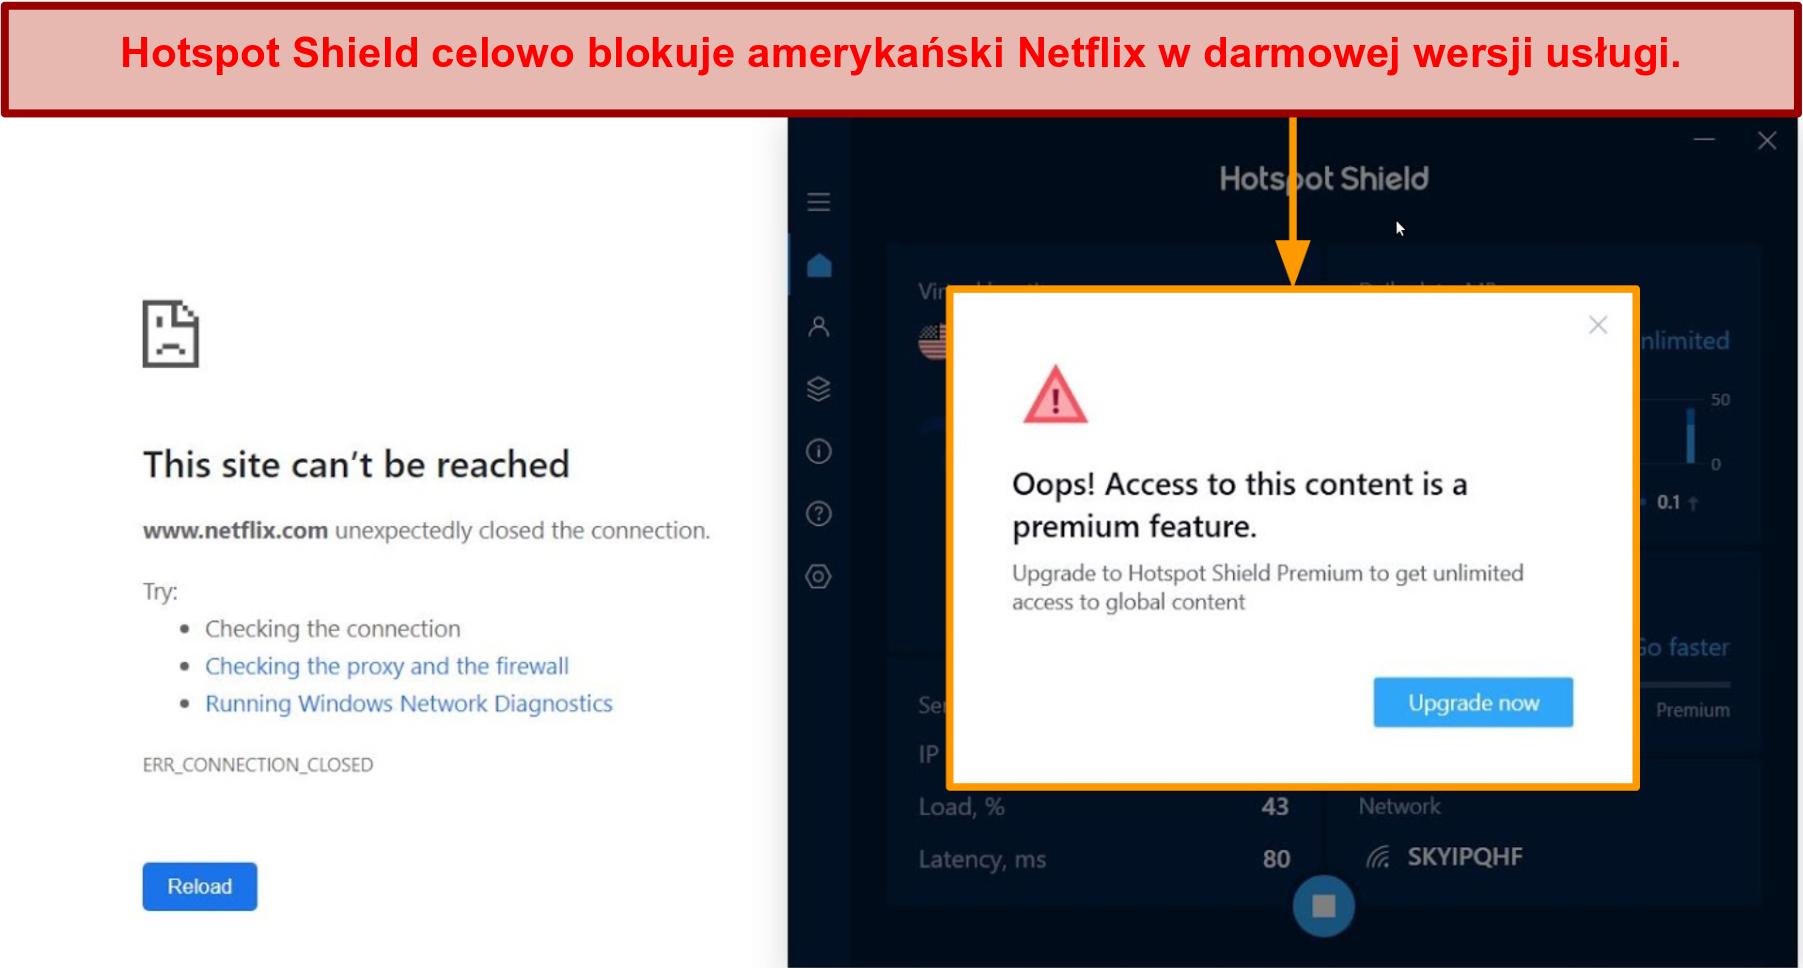 zrzut ekranu pokazany celowo HotspotShield blokuje Netflix